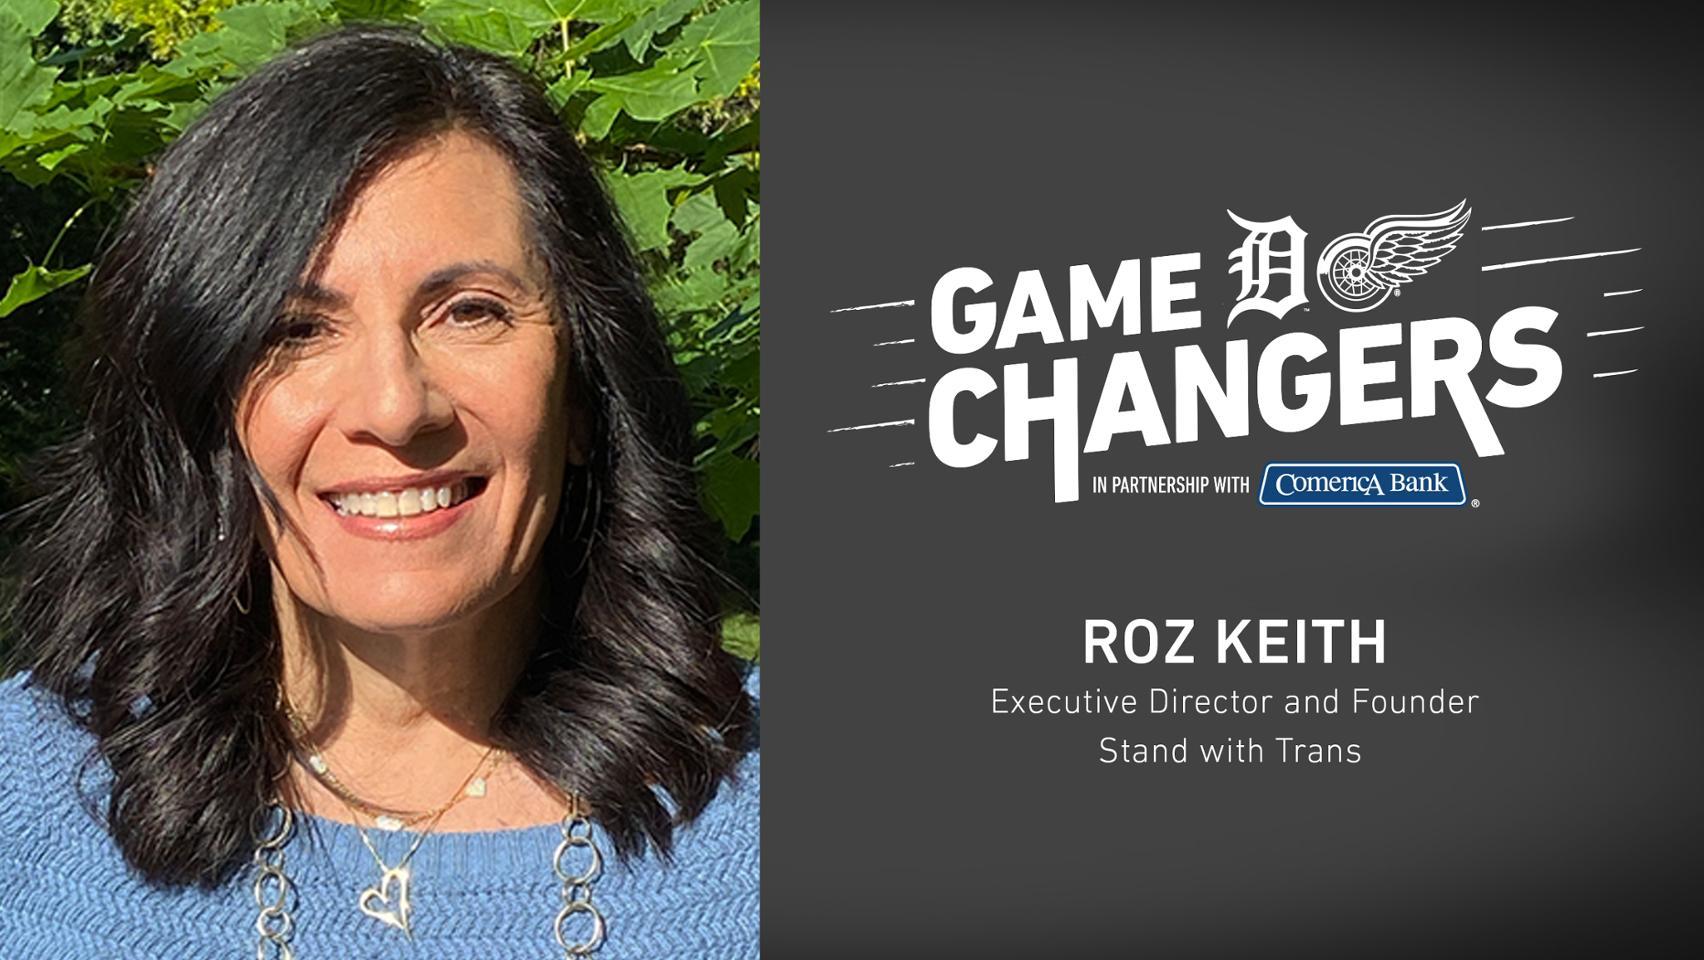 Roz Keith